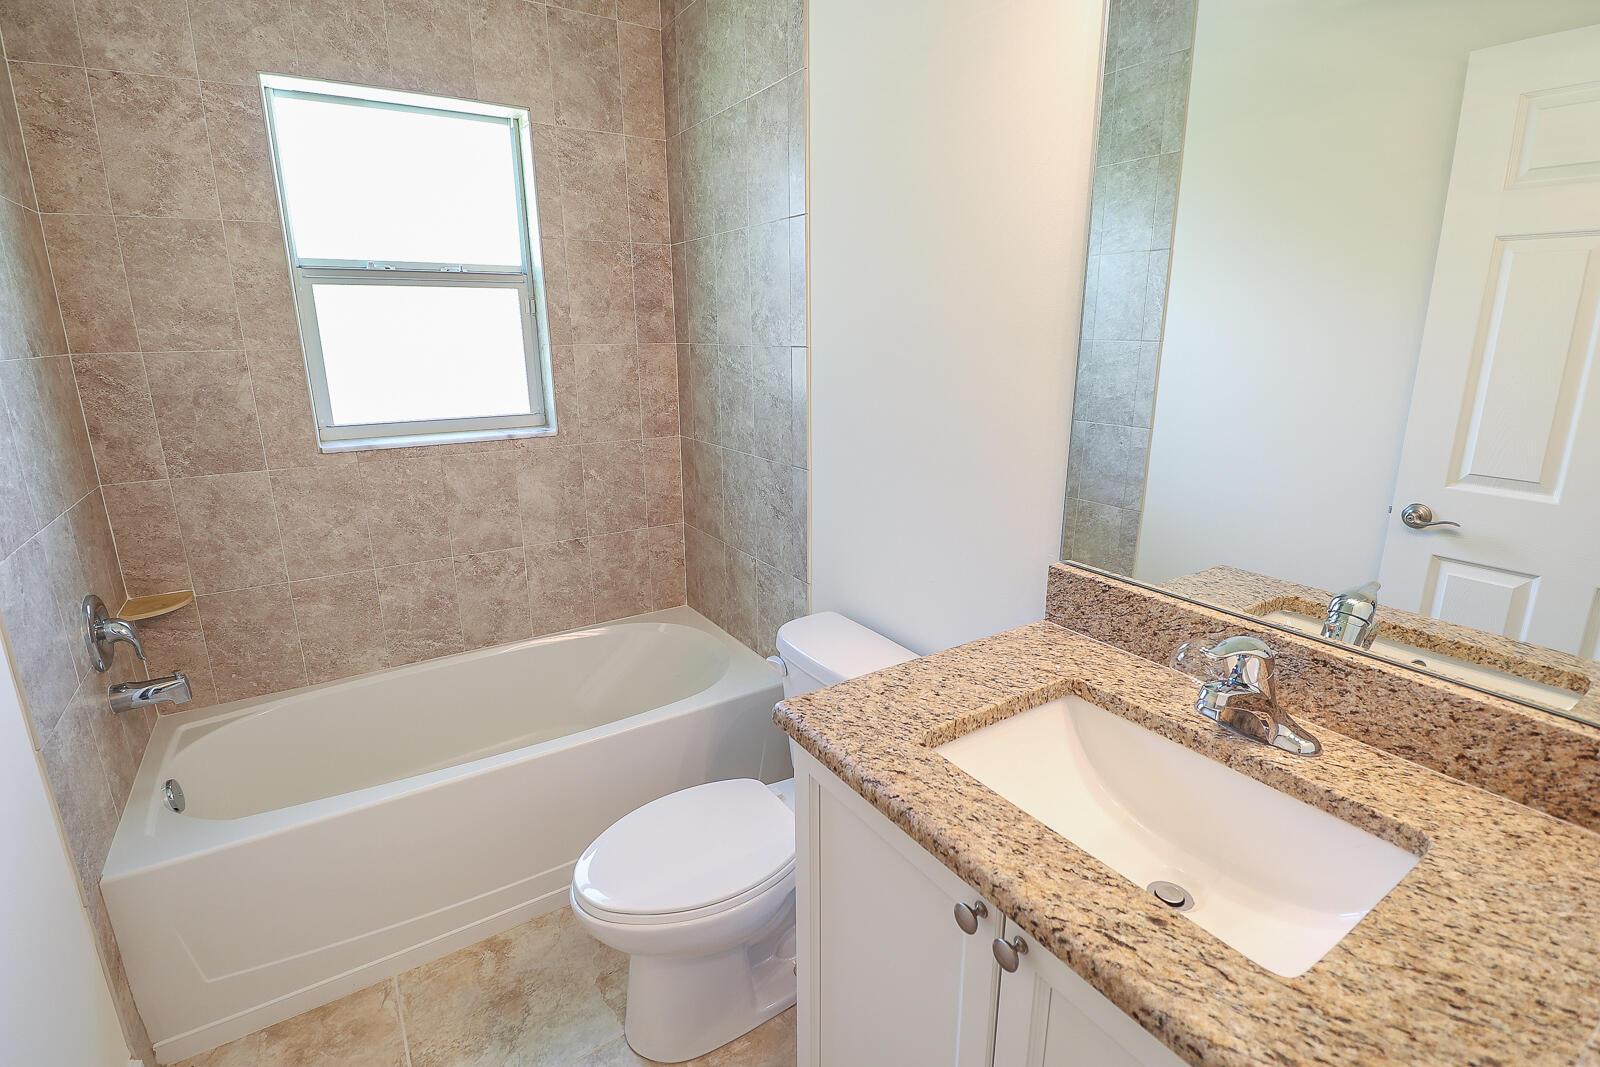 36-Bathroom 2